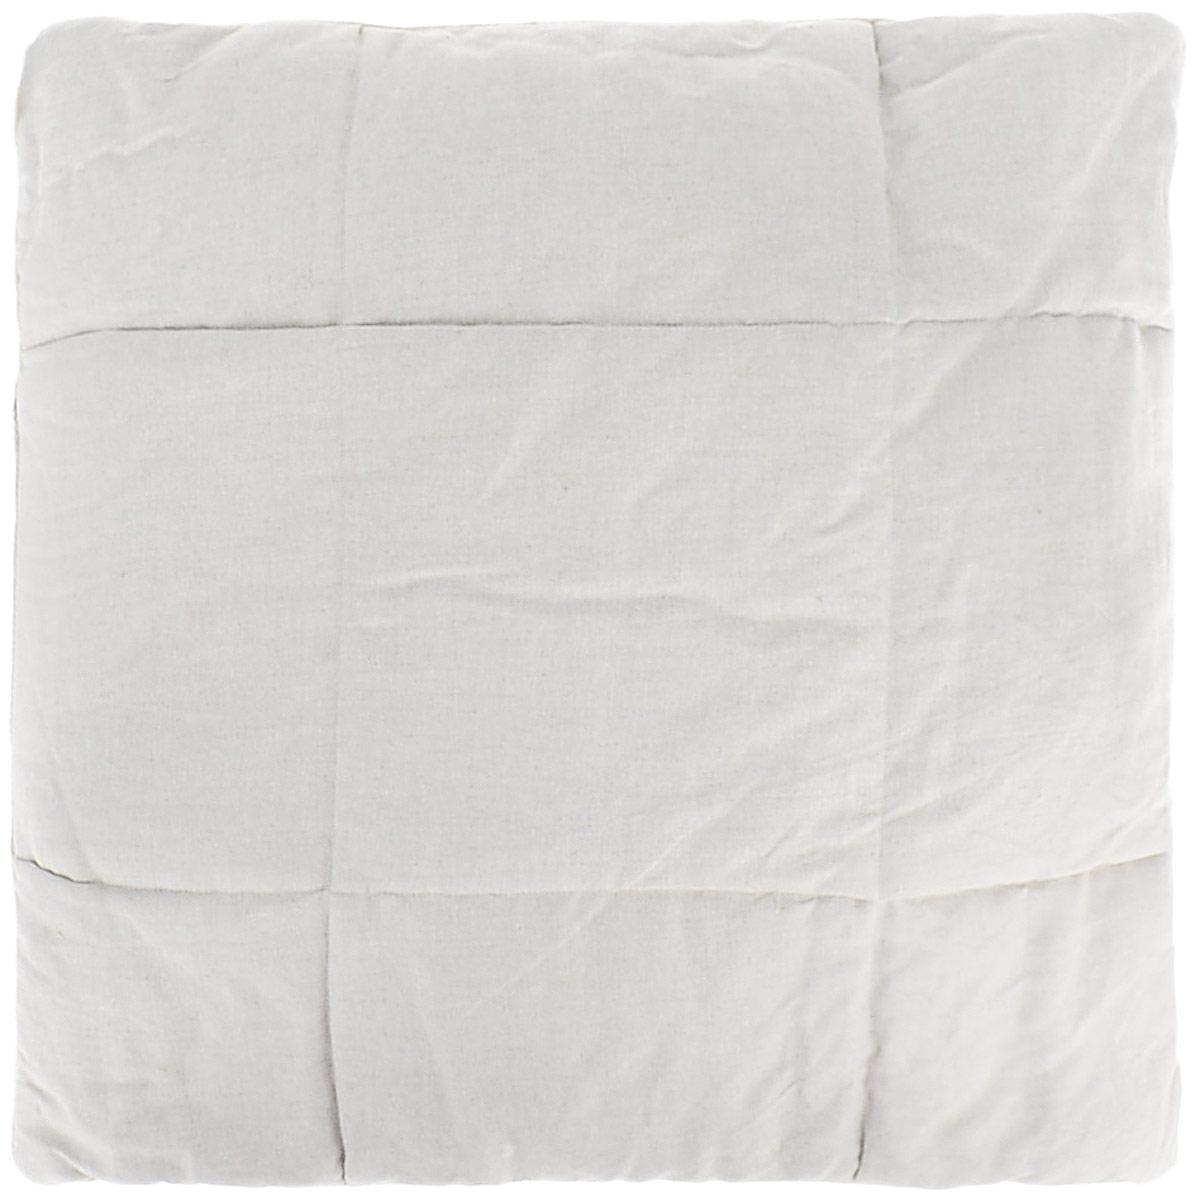 Подушка Bio-Textiles Полезный сон, наполнитель: лузга гречихи, 70 х 70 см подушка bio textiles здоровый сон наполнитель лузга гречихи 40 х 60 см